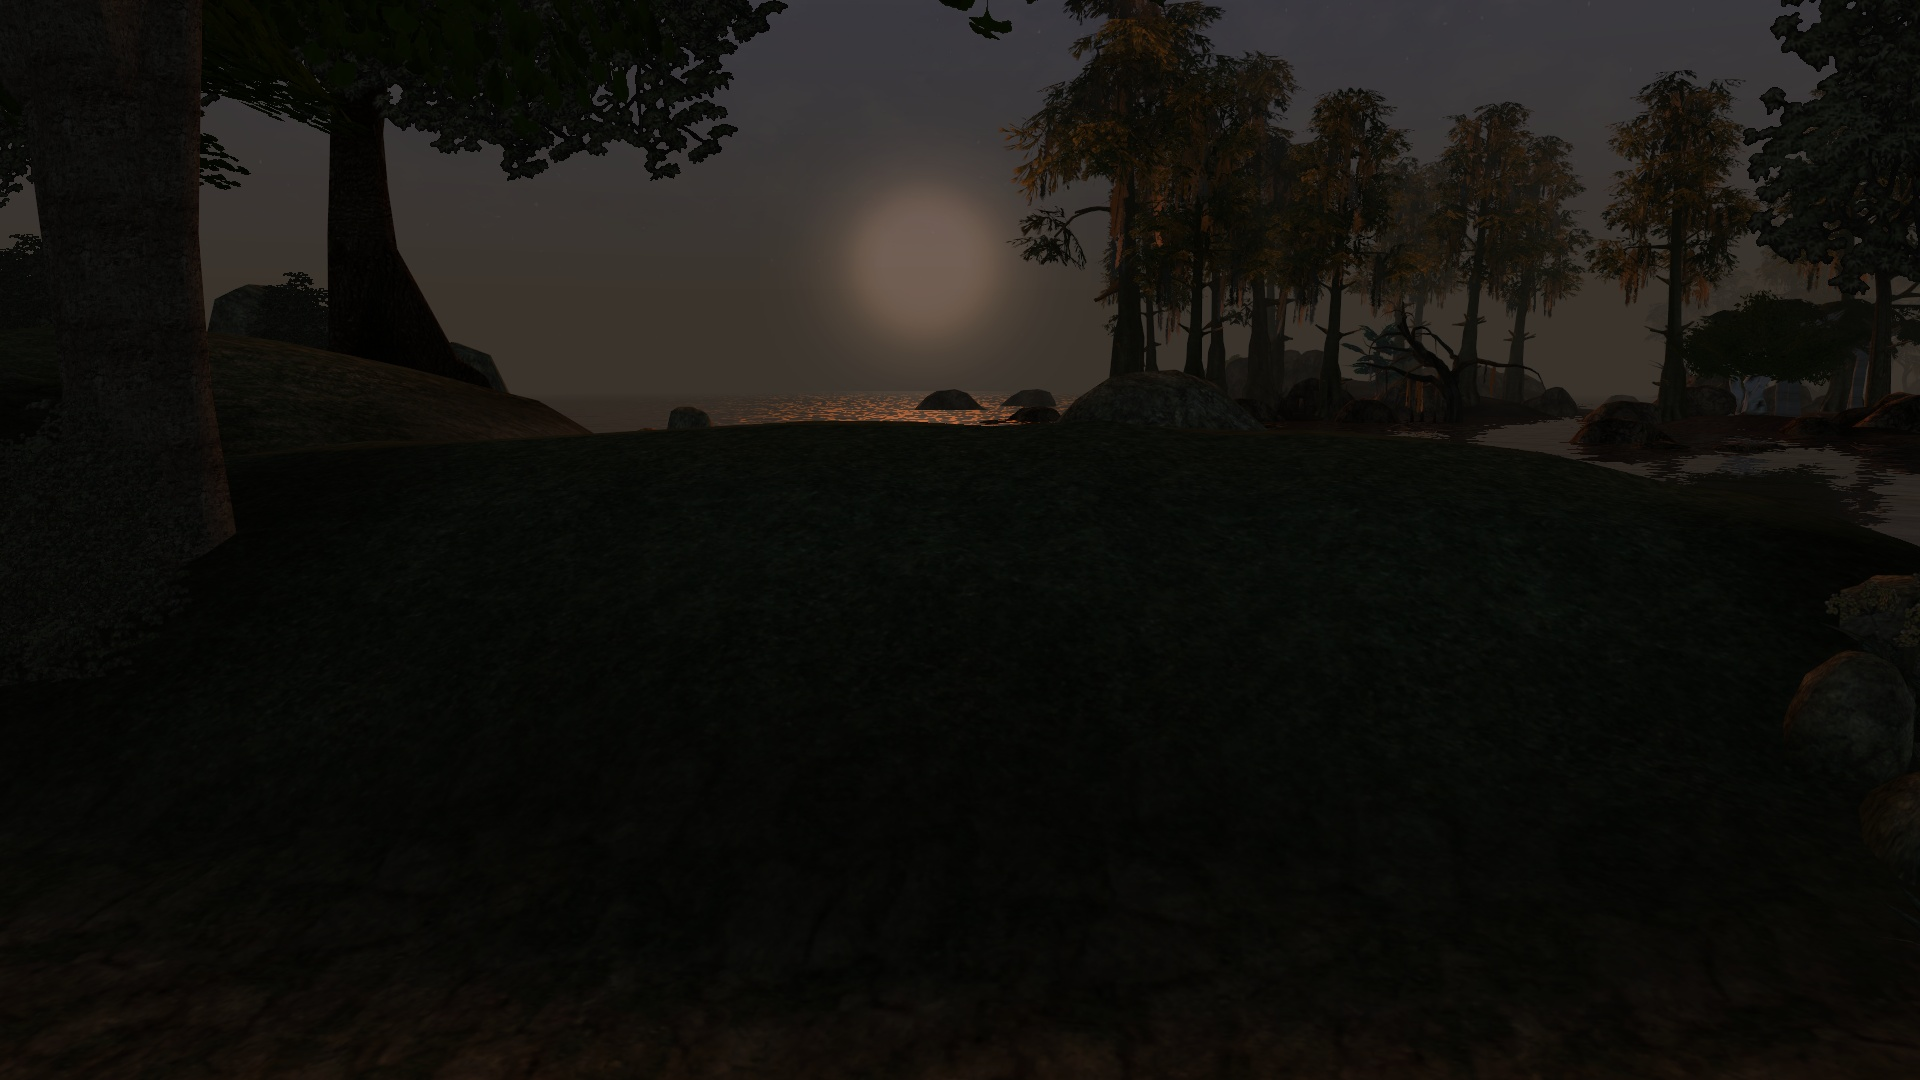 Morrowind 2018-11-05 01.05.28.197.jpg